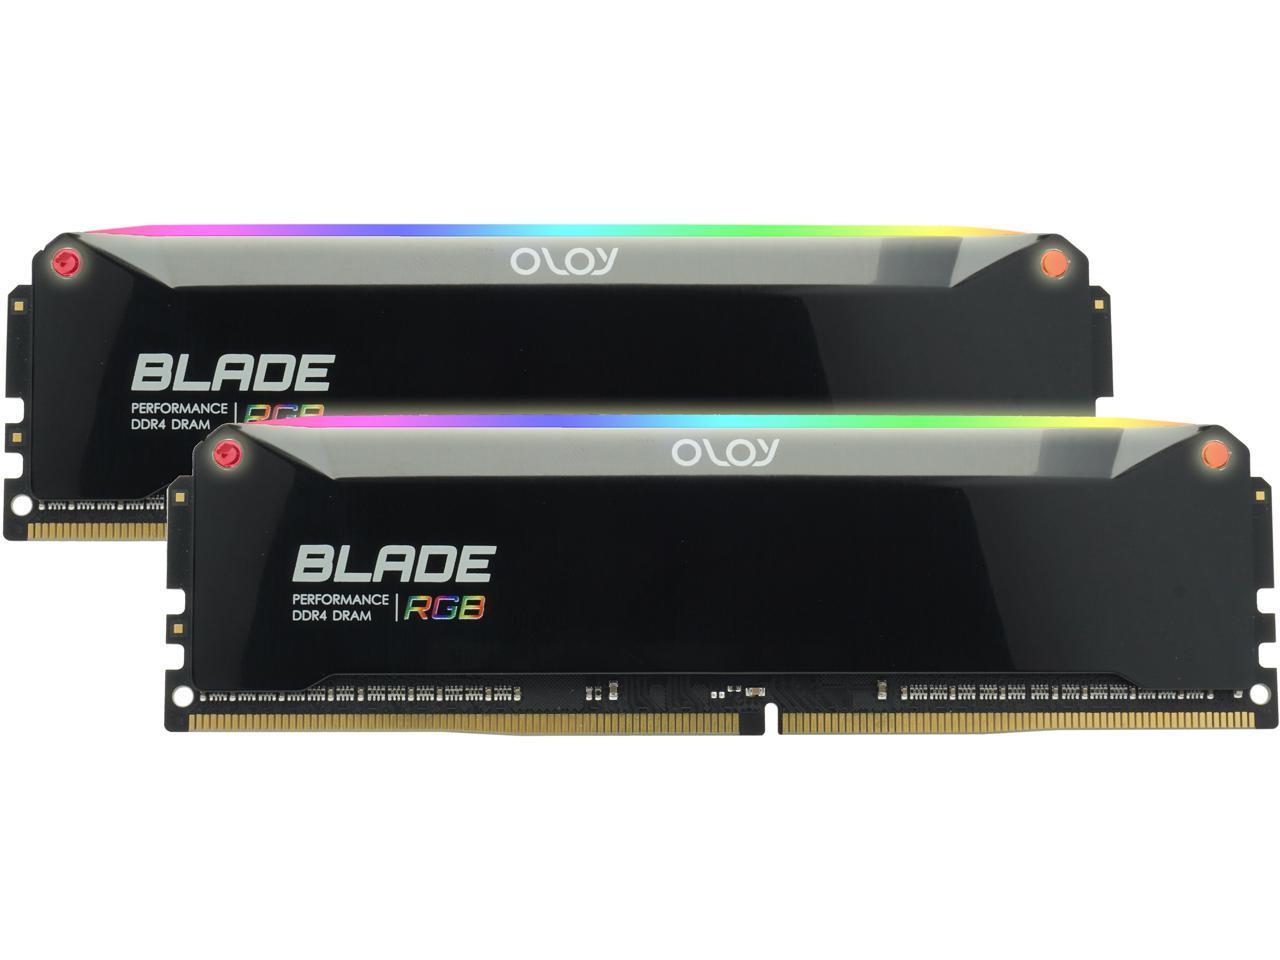 16GB (2 x 8GB), CL 16, OLOy Blade RGB, DDR4 3200 Desktop Memory, $77.99 AC